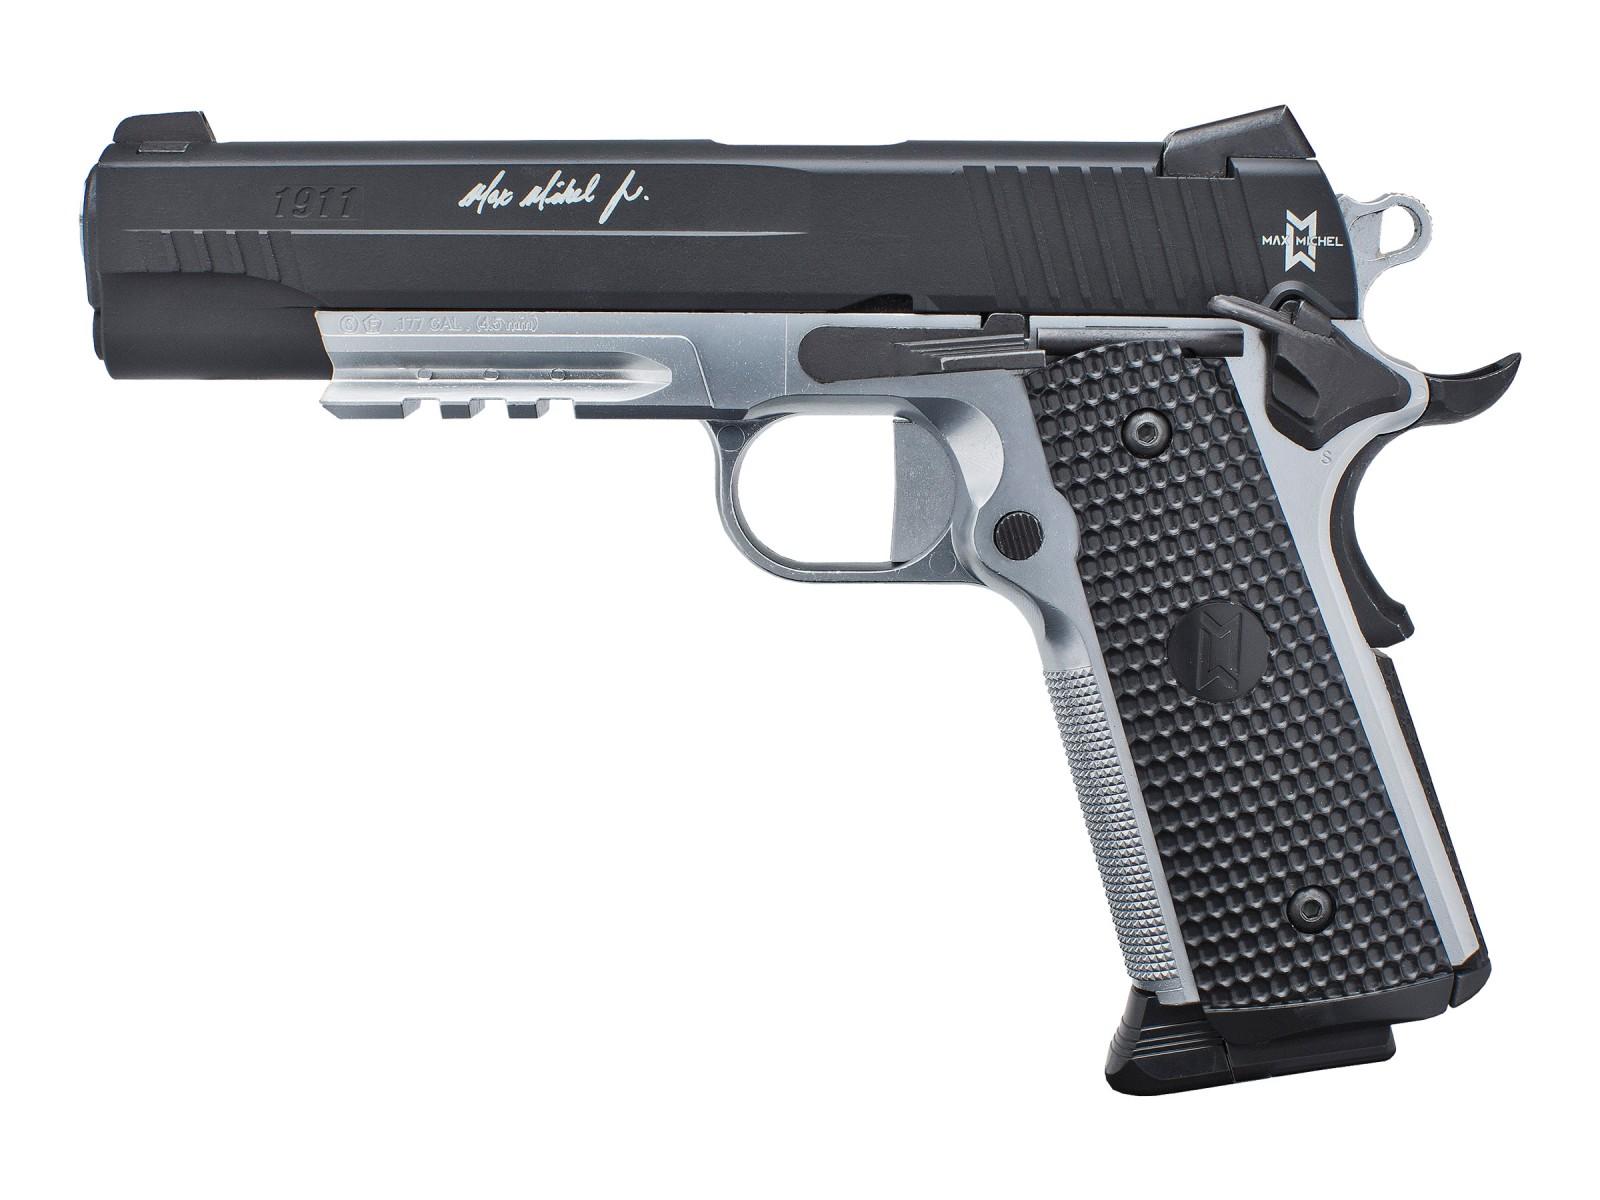 SIG Sauer 1911 Max, Max Michel Signature BB Pistol